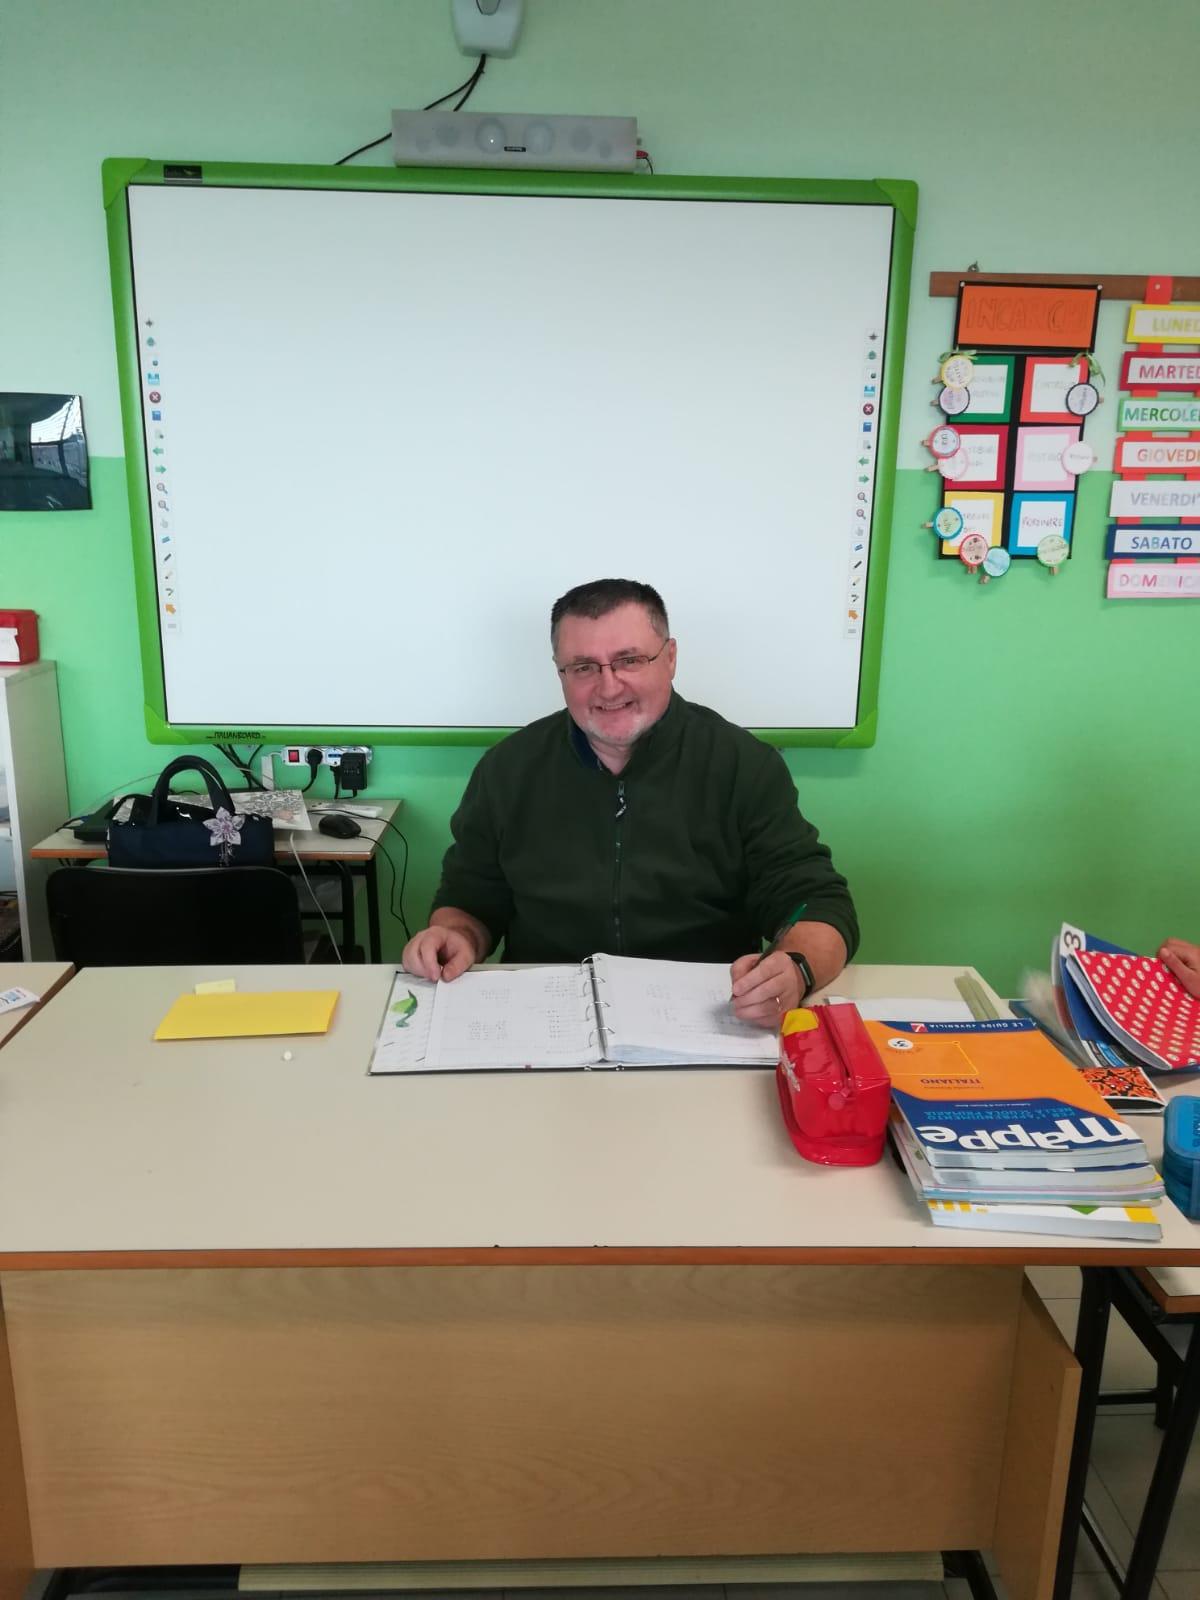 Prima vigile, poi insegnante... da sempre poeta: dopo dieci anni vince un concorso. Gianpaolo Ripamonti, 55 anni è nato a Lecco, ma abita a Osnago.